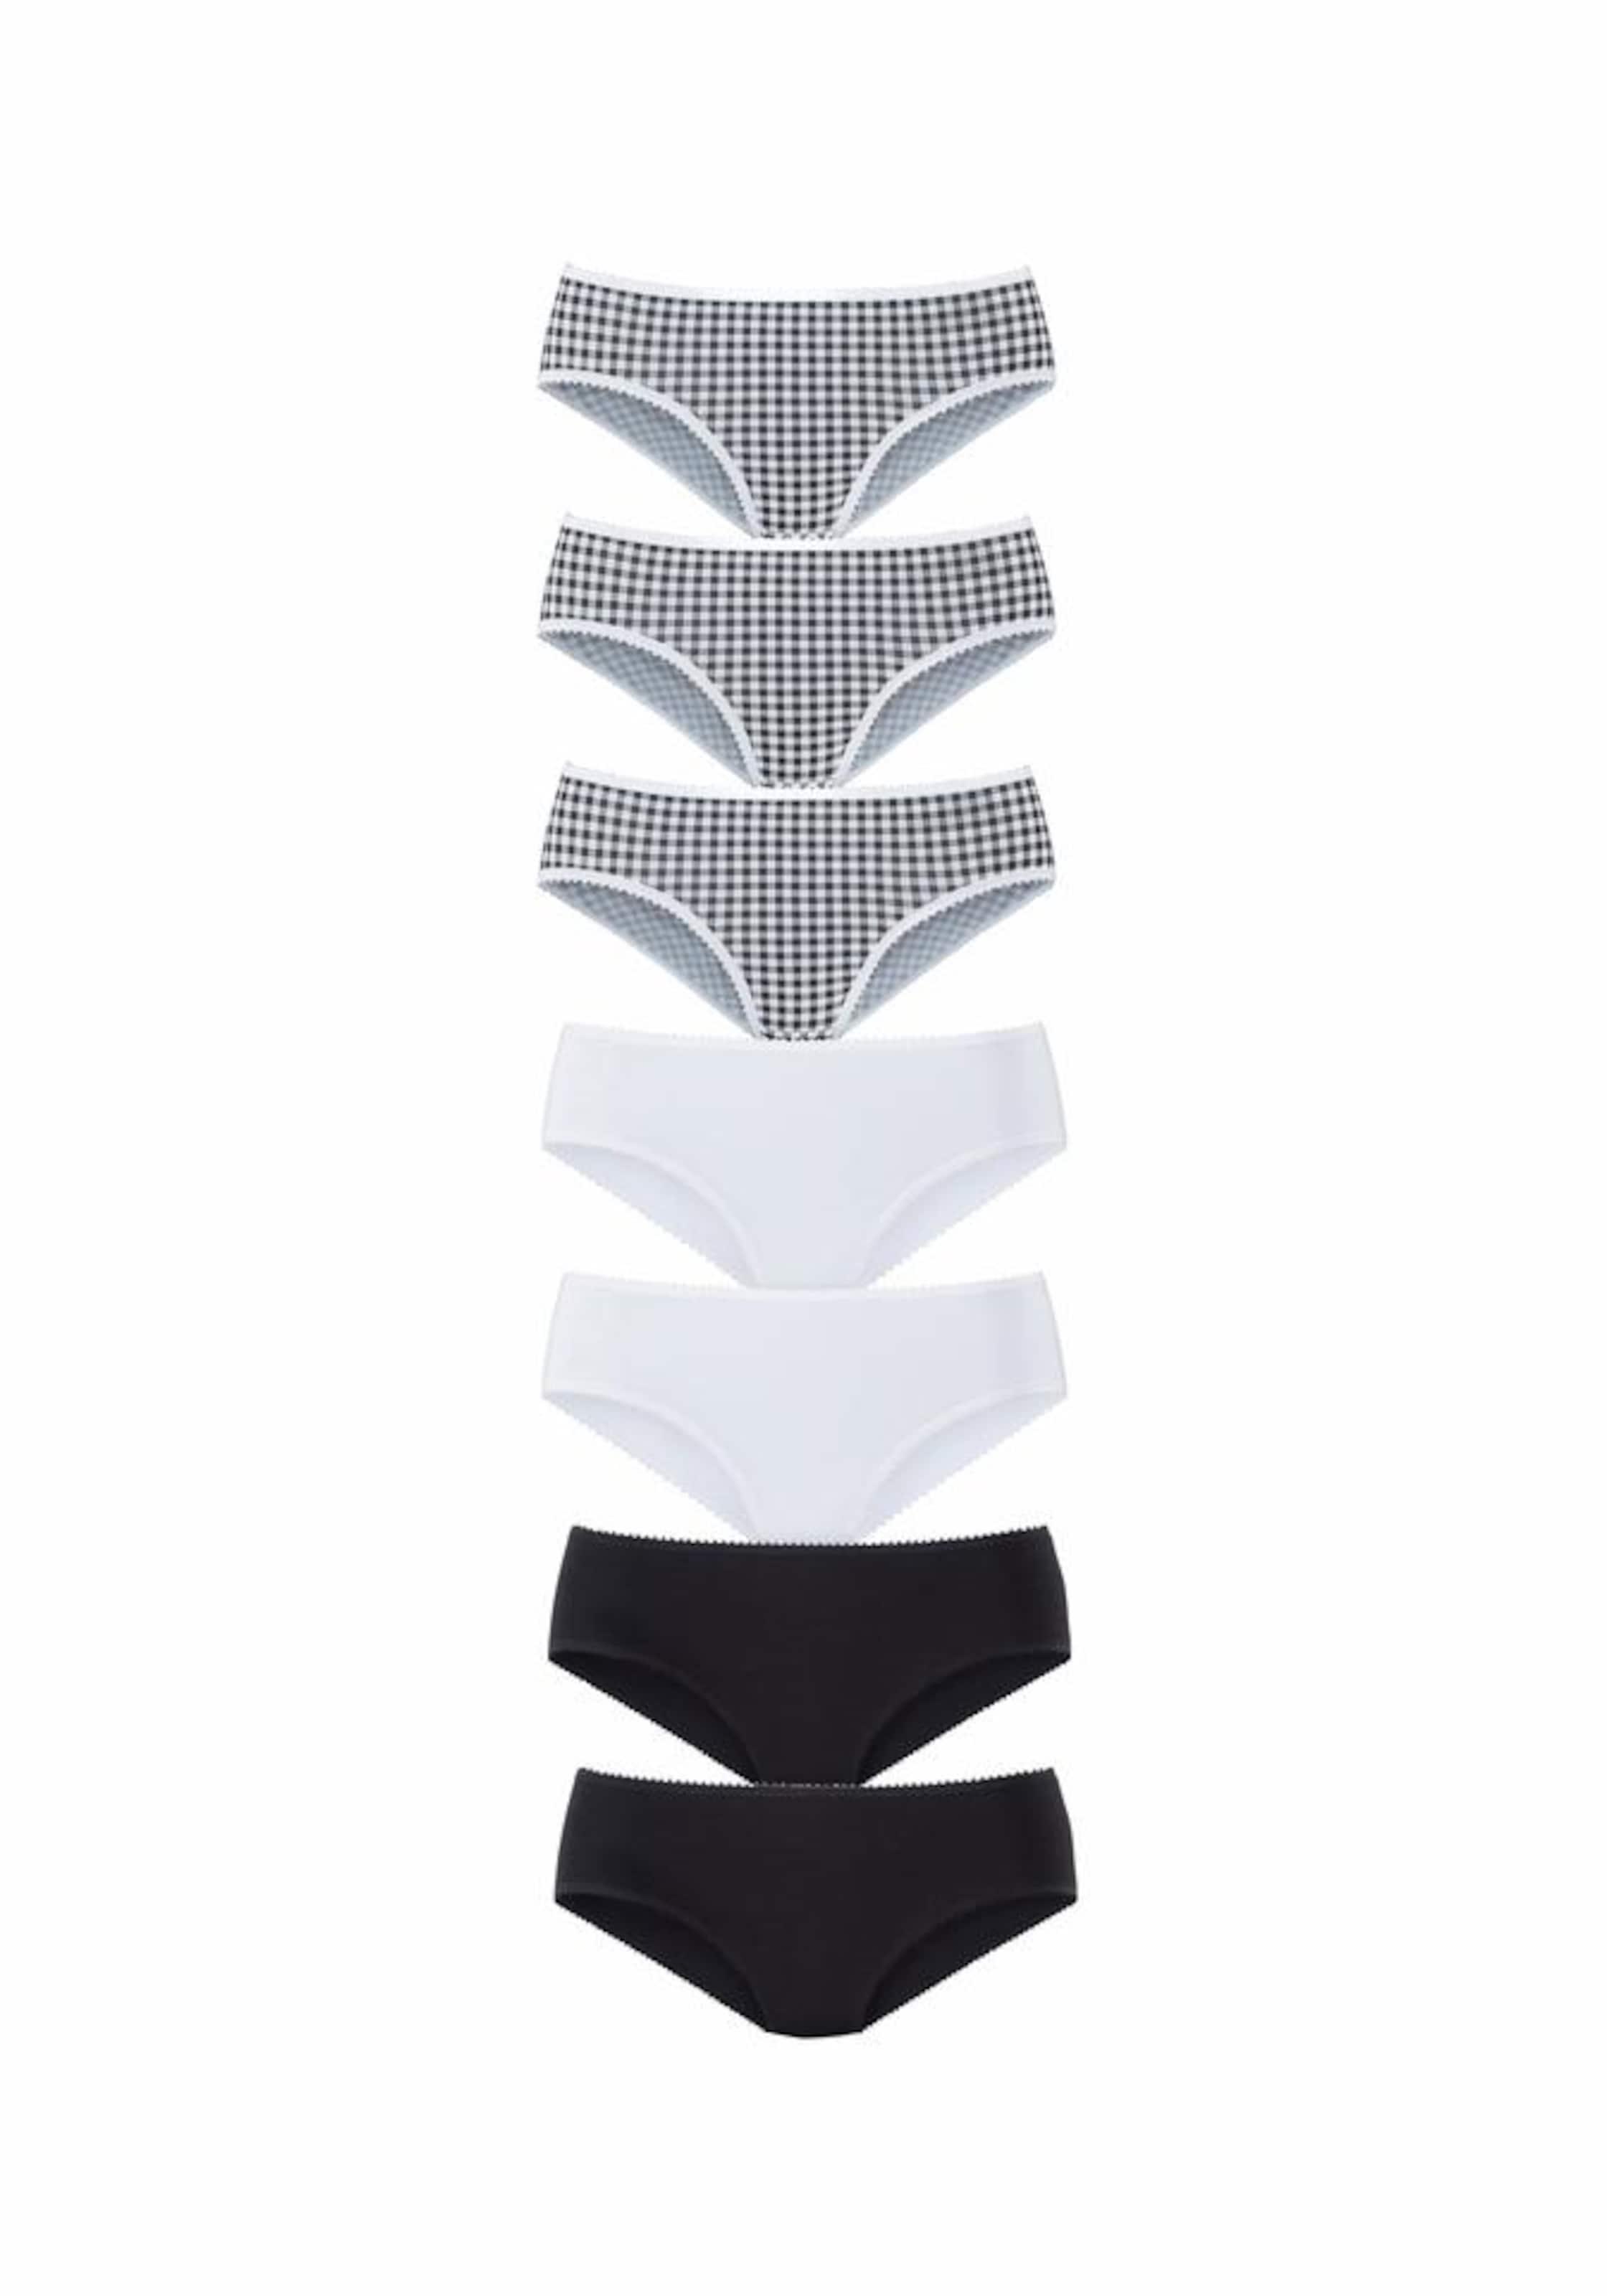 Billig Viele Arten Von Exklusiv Zum Verkauf PETITE FLEUR Jazzpants (7 Stück) Rabatt Wie Viel Um Online-Verkauf Billig Verkauf Mit Kreditkarte kWWIy9Keh